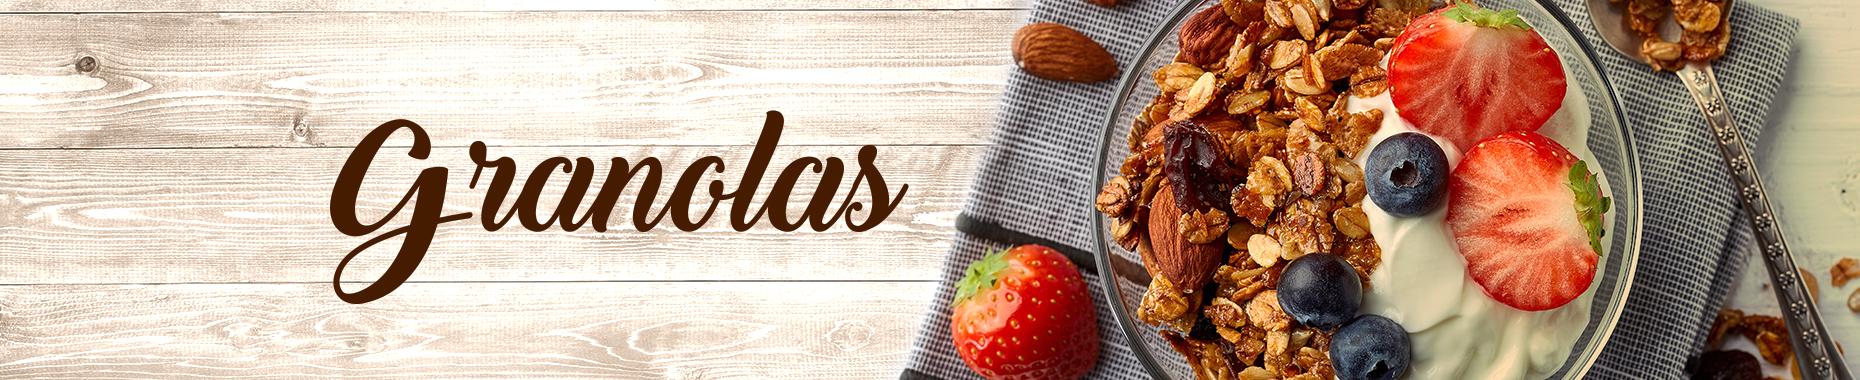 Alimentação Saudável: Granolas